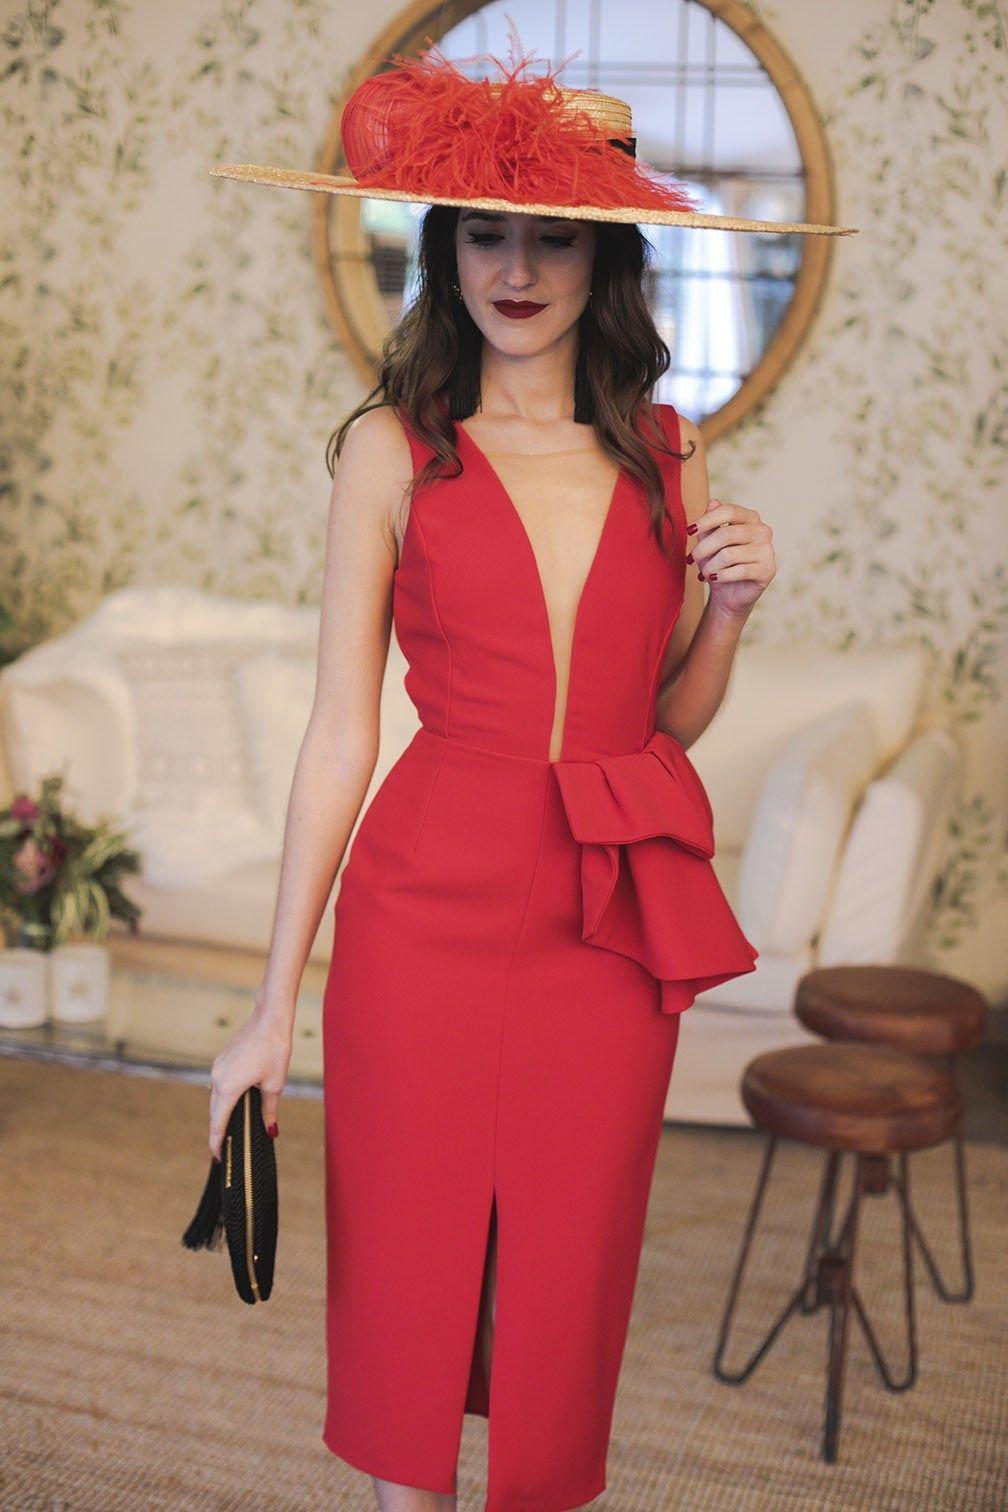 bfb9a0708 Look invitada noda mañana vestido rojo escote pamela complementos negros